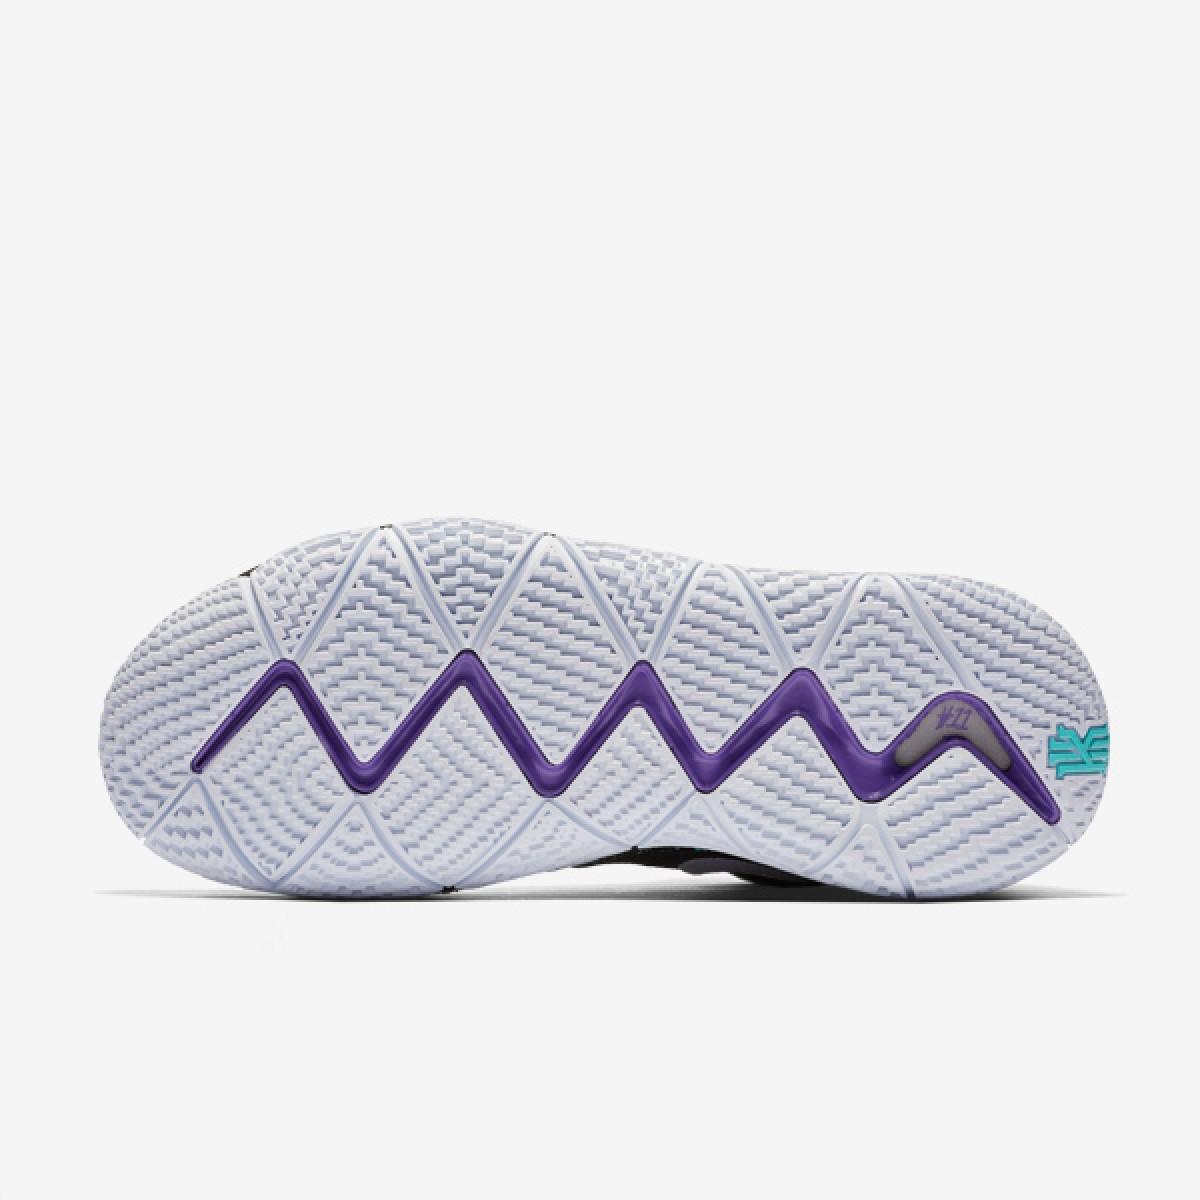 Nike Kyrie 4 'Black/White' 943806-002